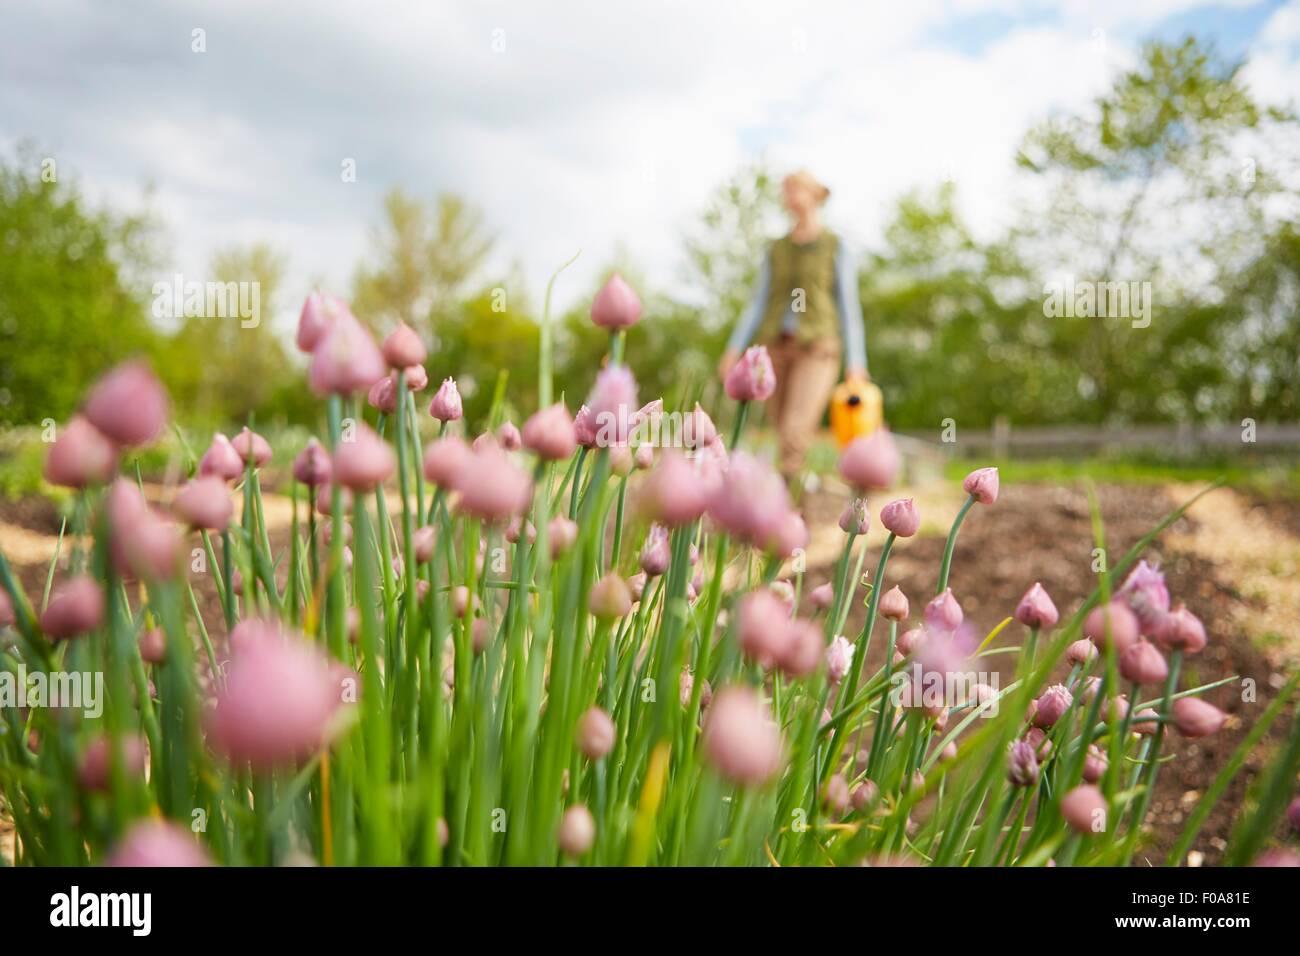 Femme mature, en plein air, jardinage, exerçant son arrosoir, l'accent sur les fleurs Photo Stock